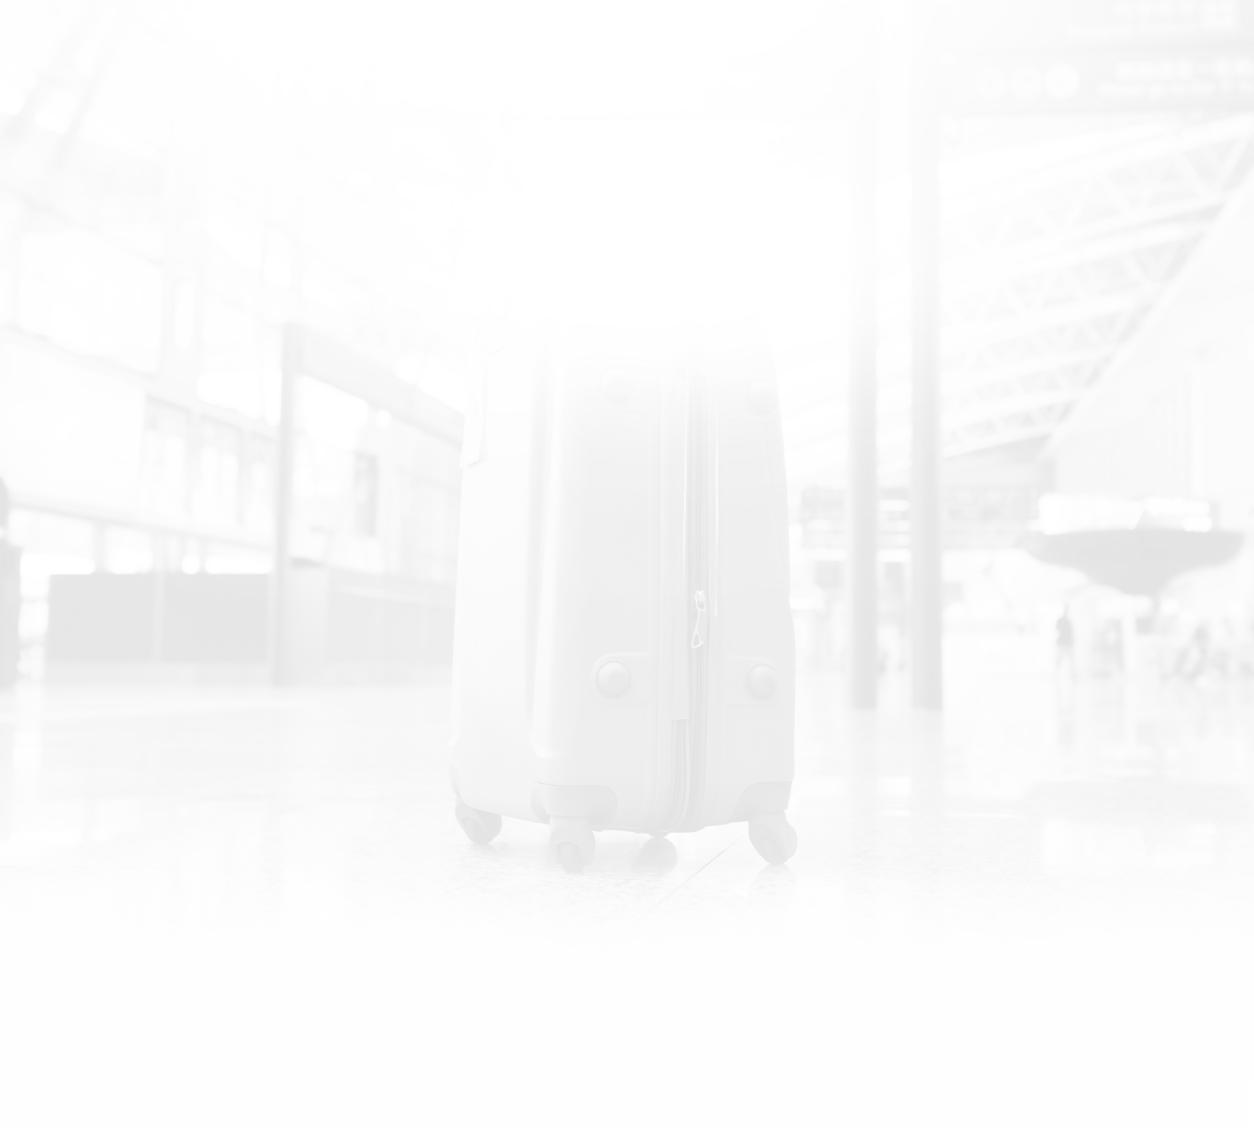 détaillant en ligne d9032 222e4 Bagages enregistrés | Bagages | Avant le départ | Emirates ...